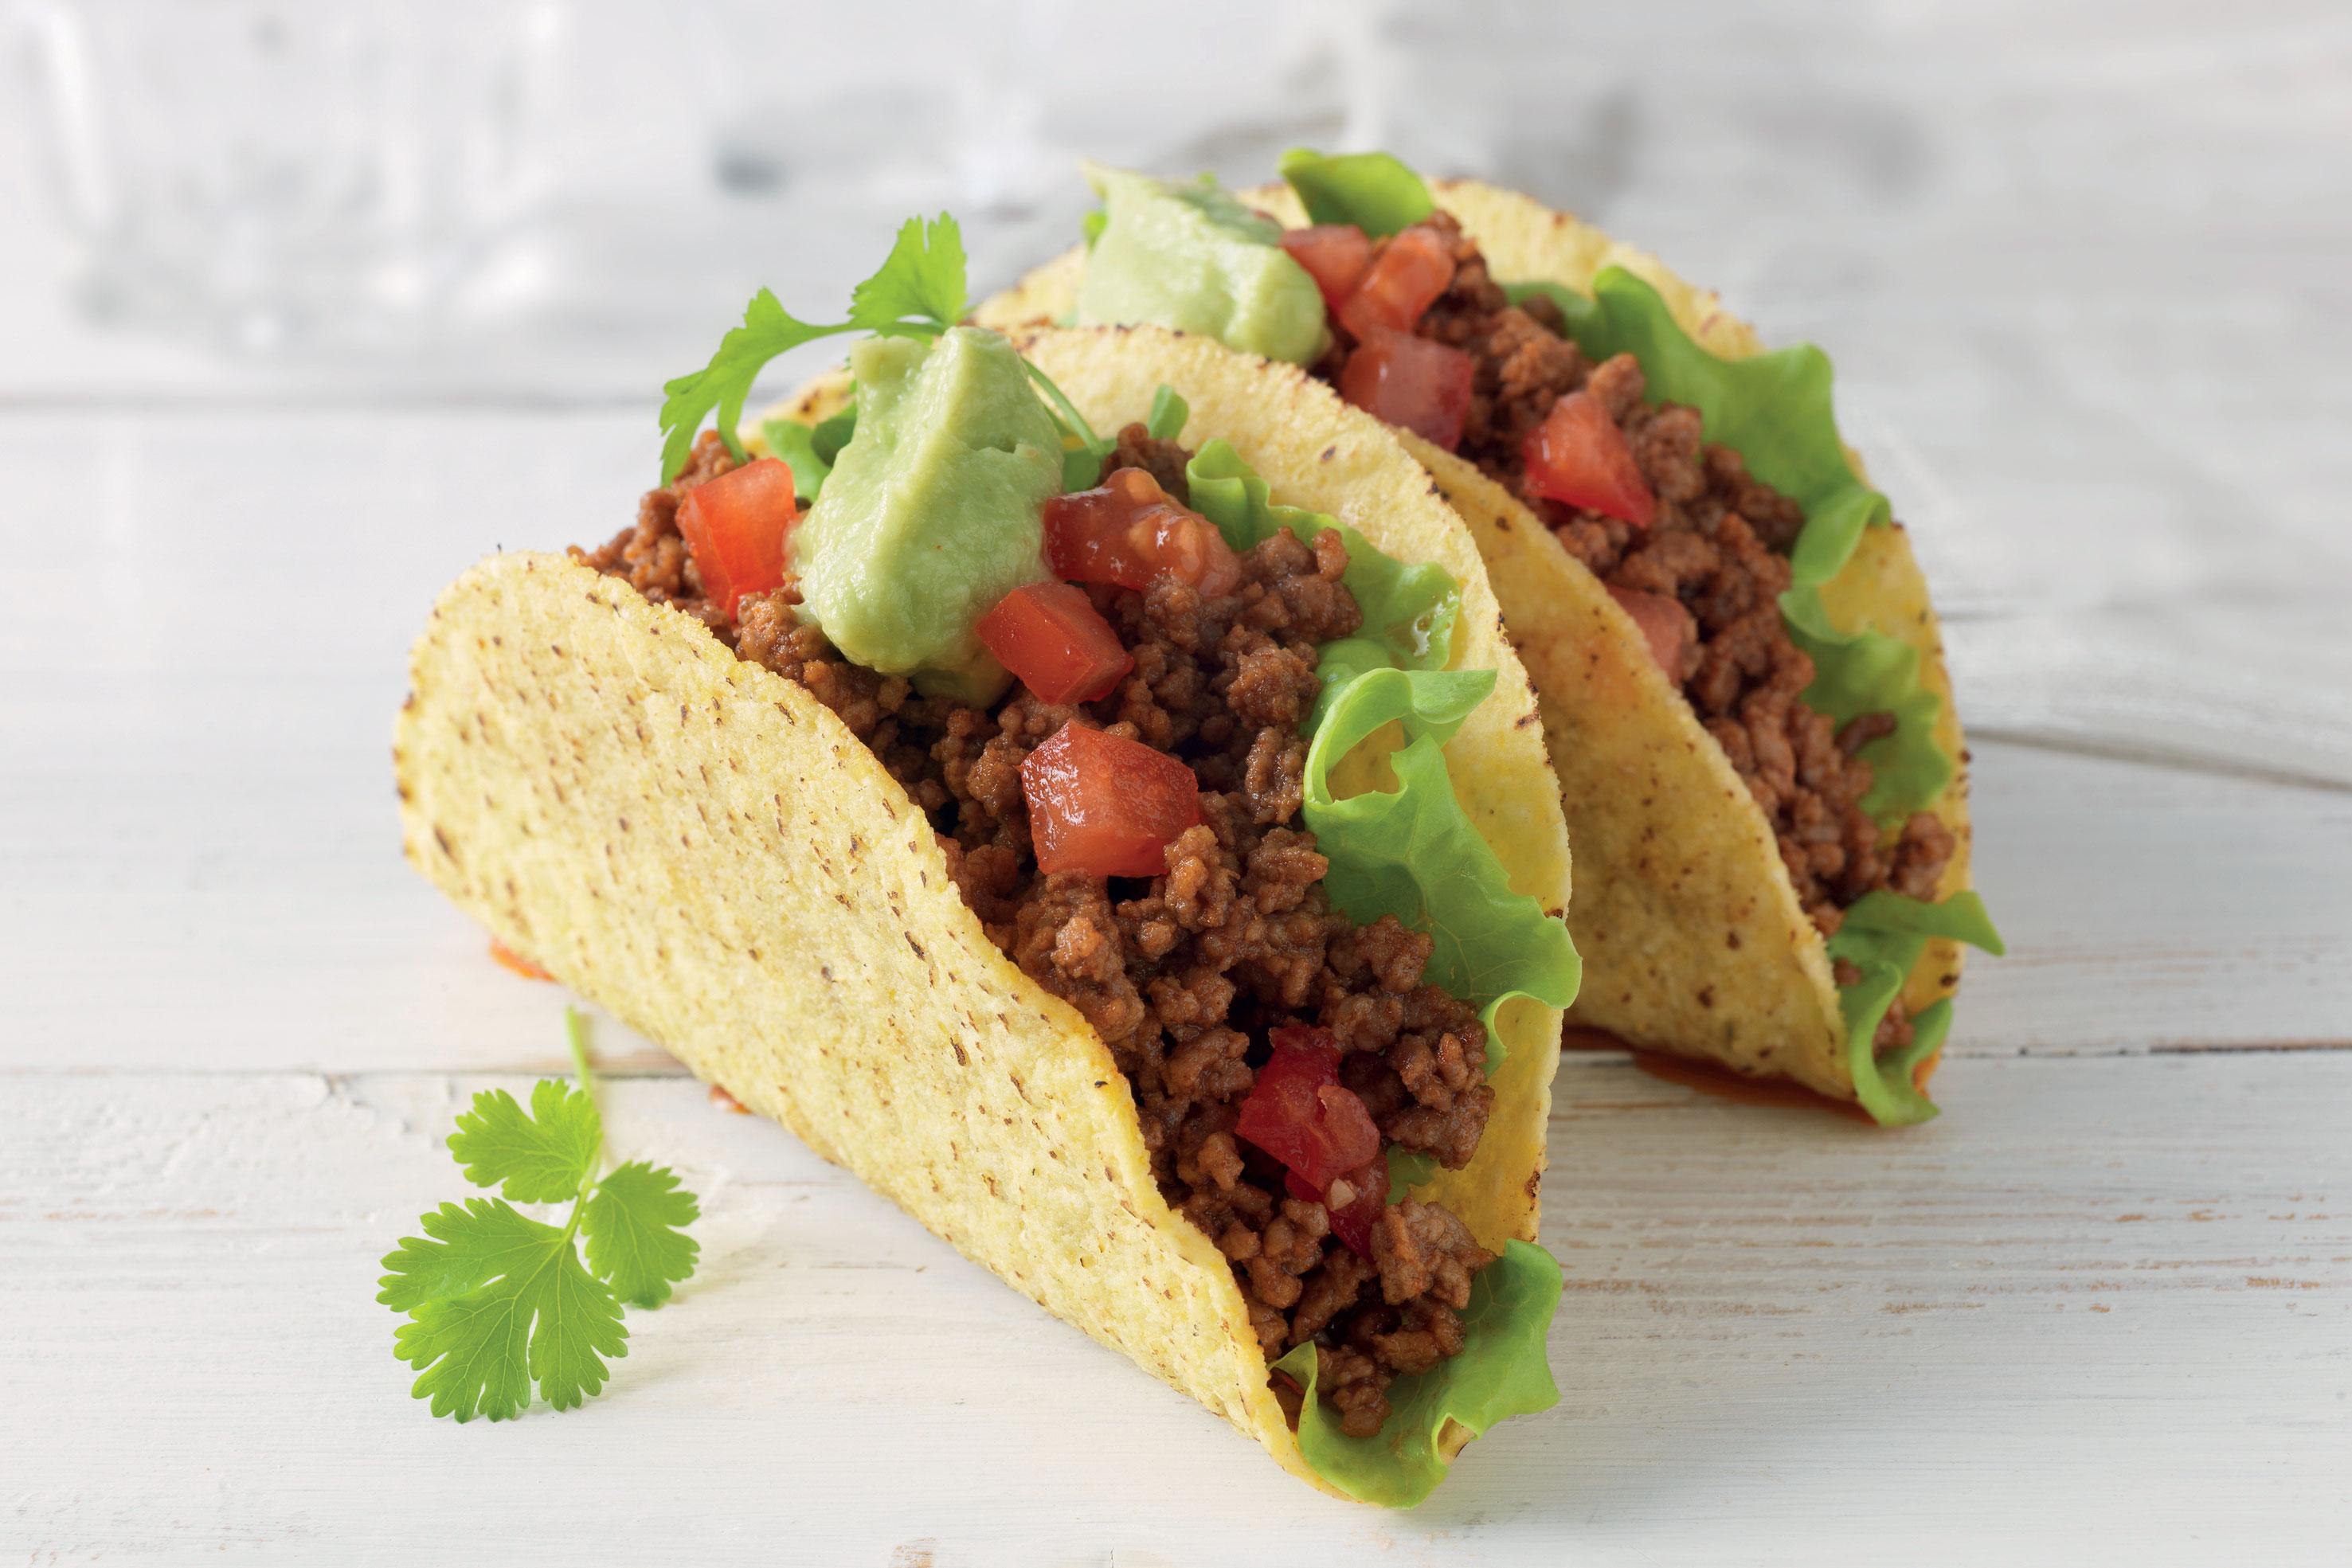 Taco classique farci de l gumes frais de fromage et la sauce taco santa maria - Sauce fromage pour tacos ...